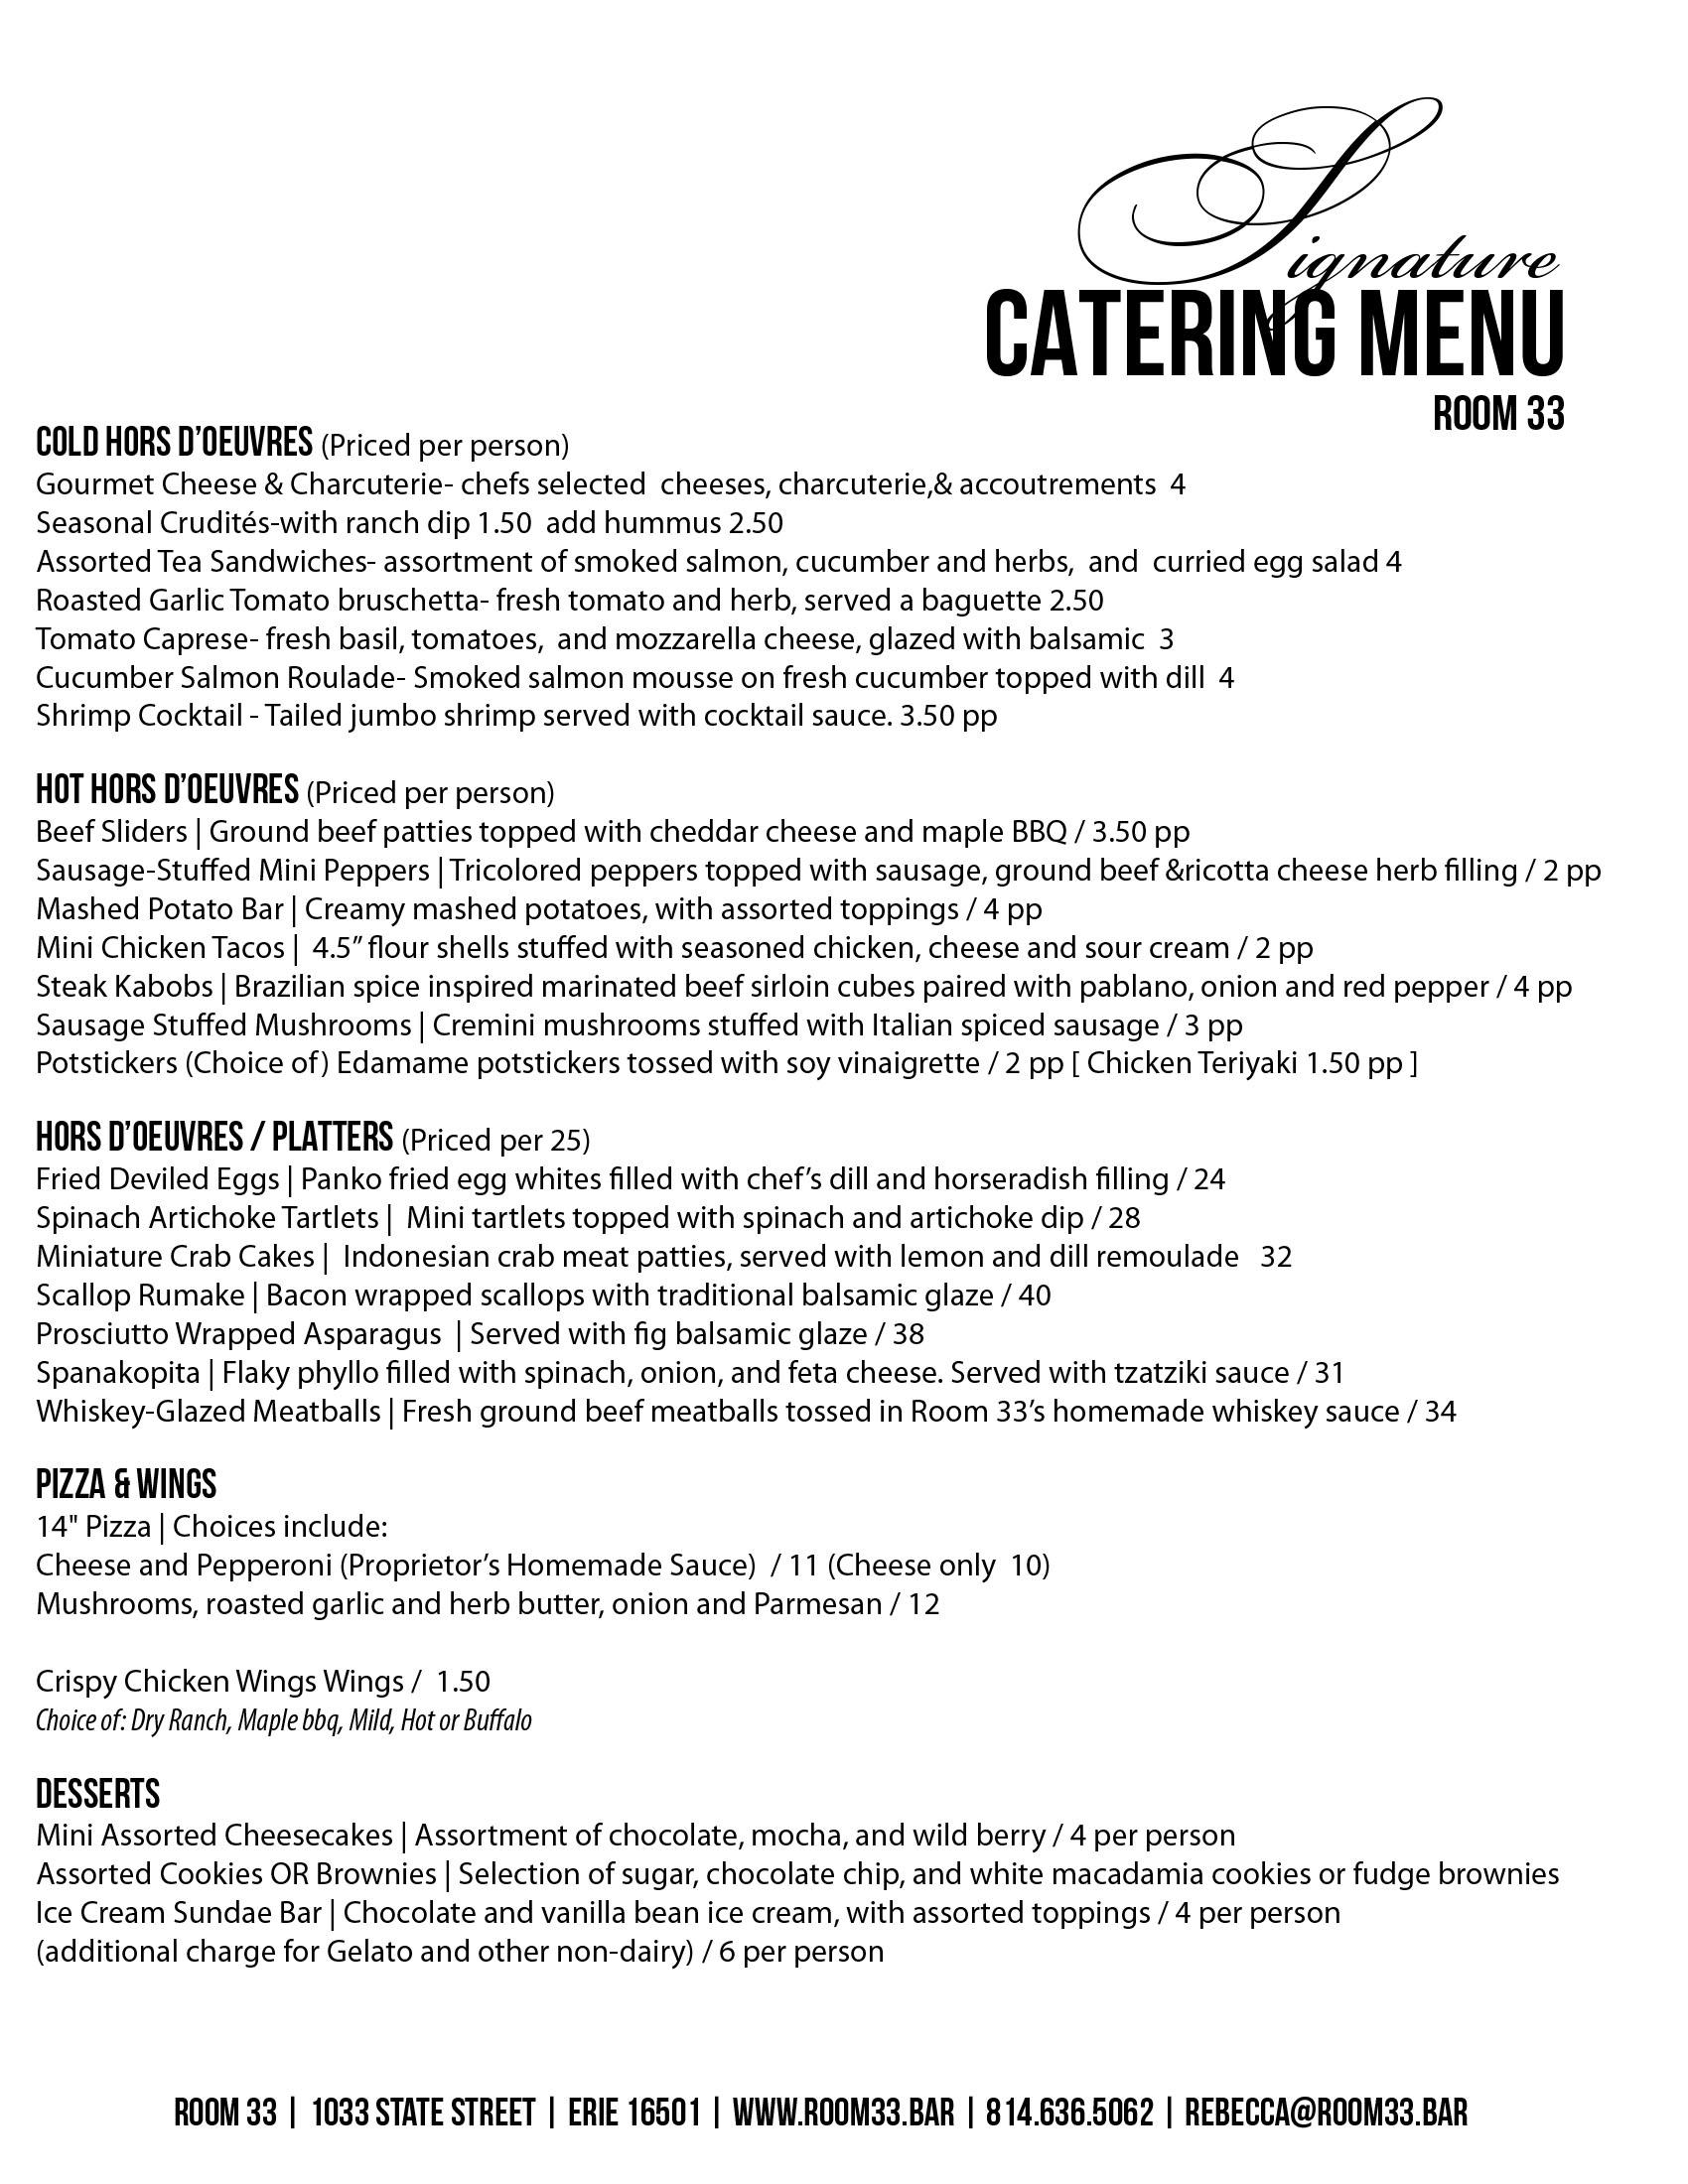 CateringMenu2019-1.jpg